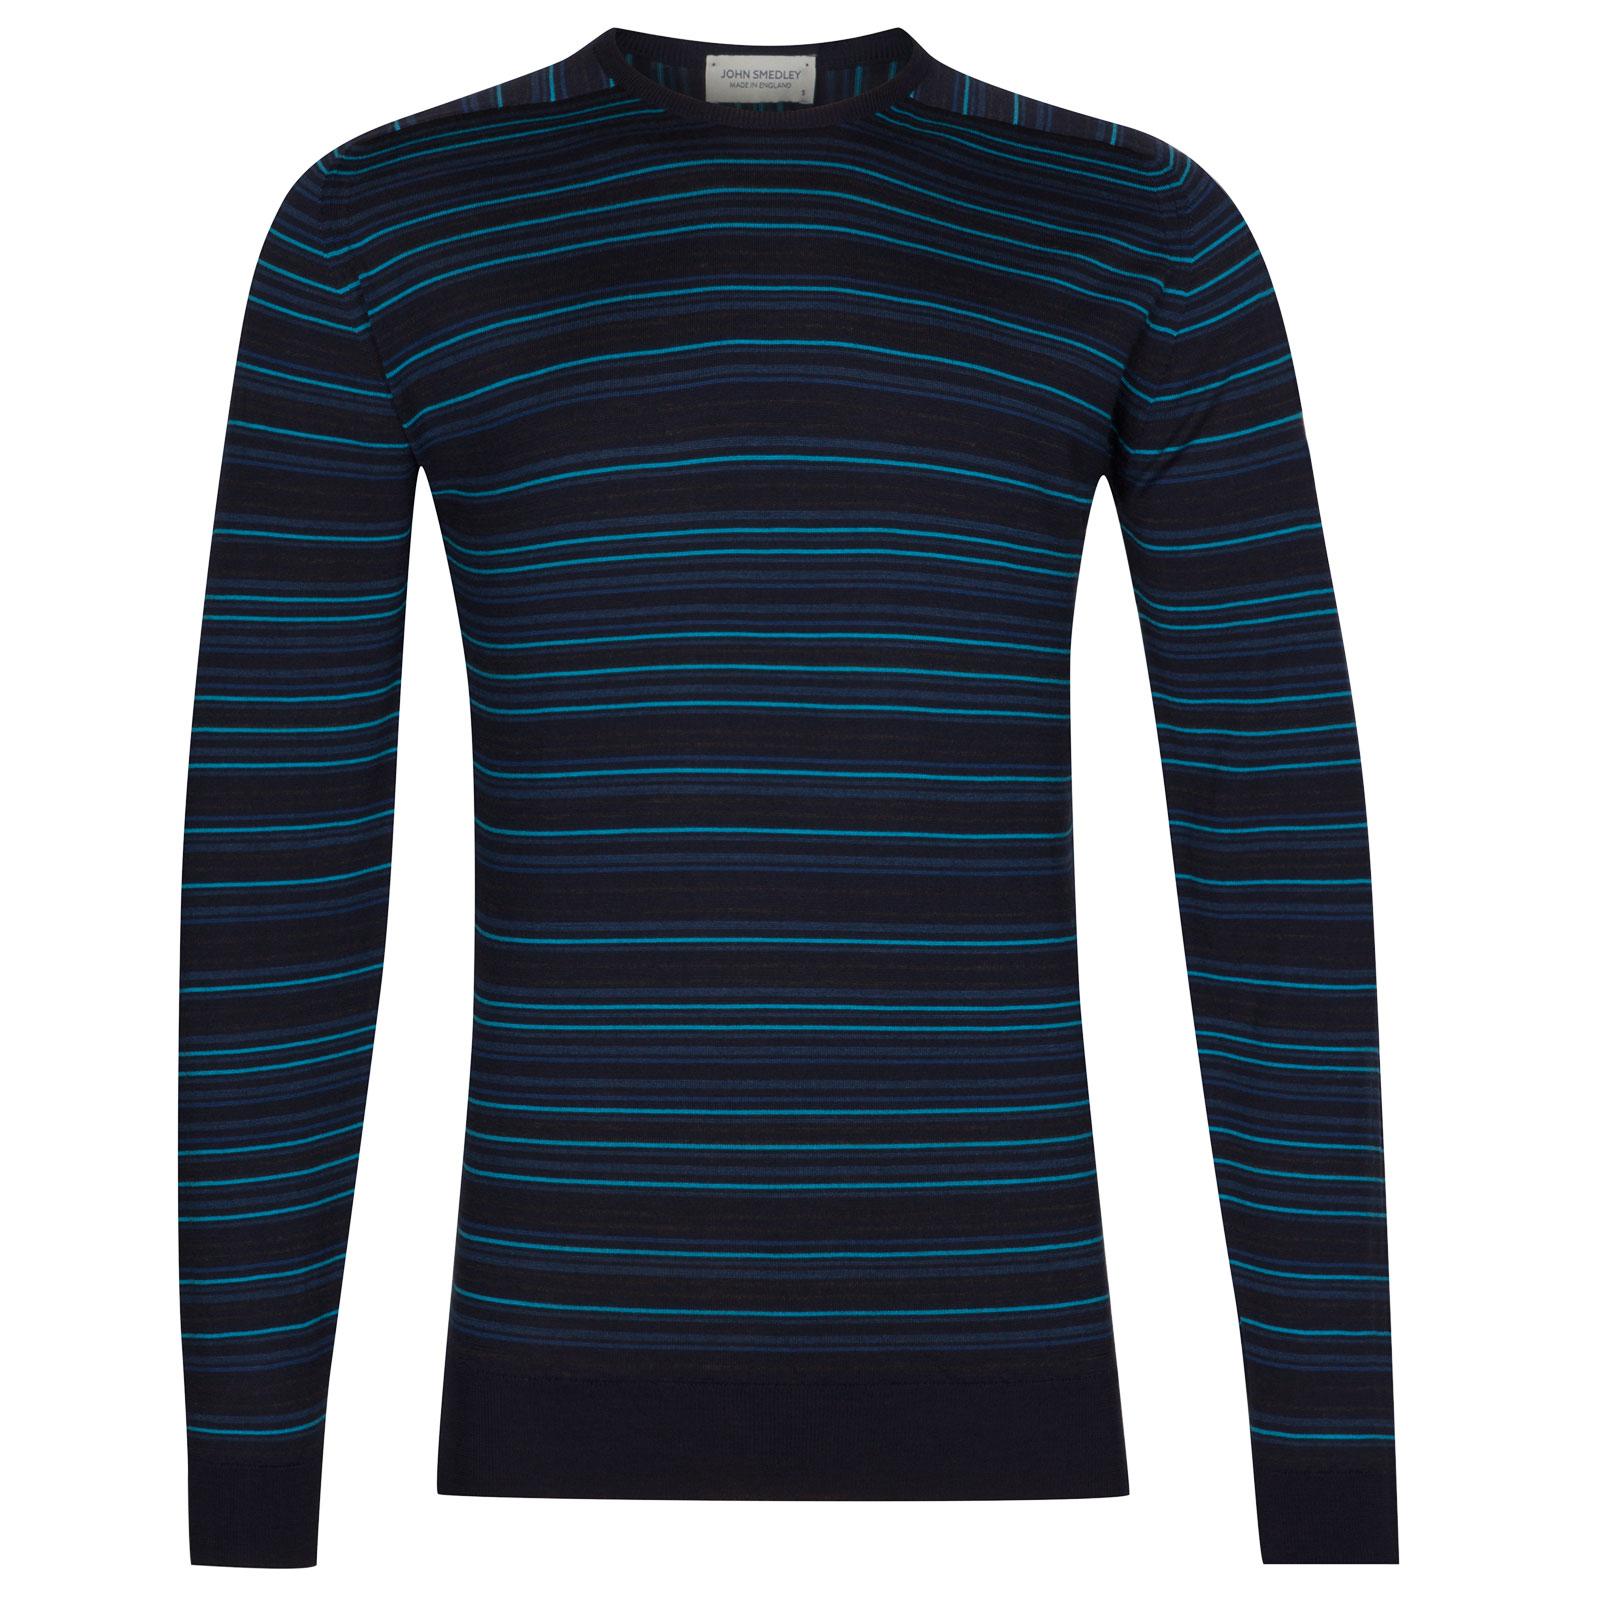 John Smedley Watson Extra Fine Merino Pullover in Midnight-L